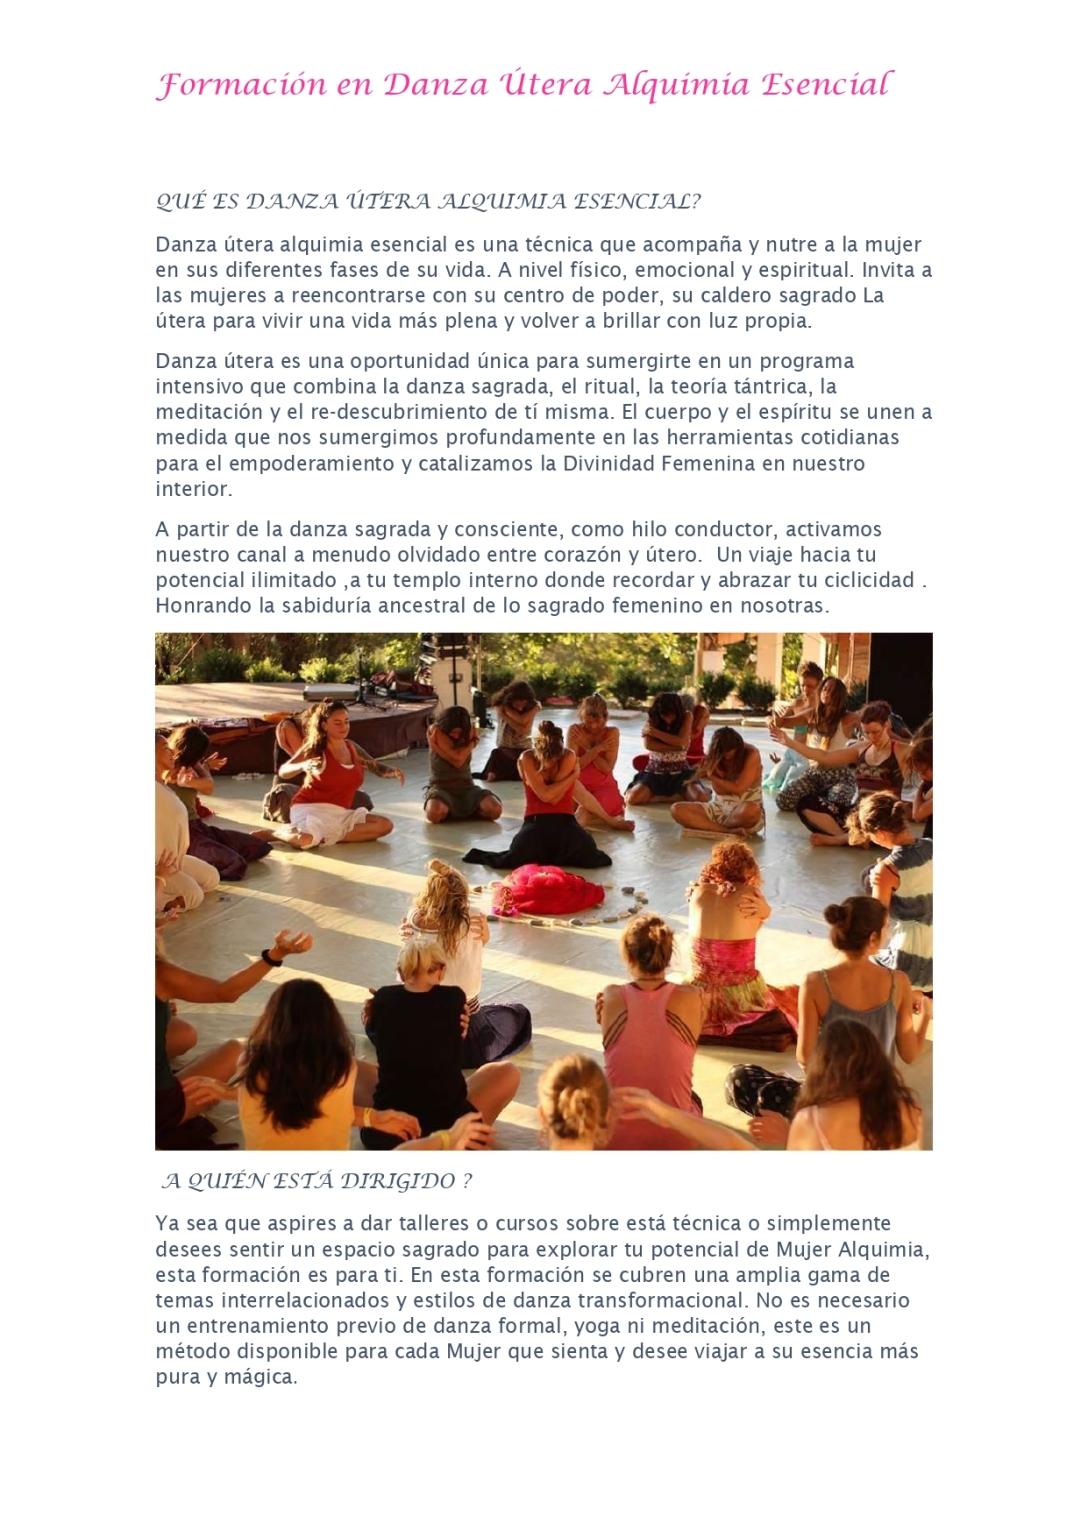 DANZA ÚTERA ALQUIMIA ESENCIAL 2020_page-0001